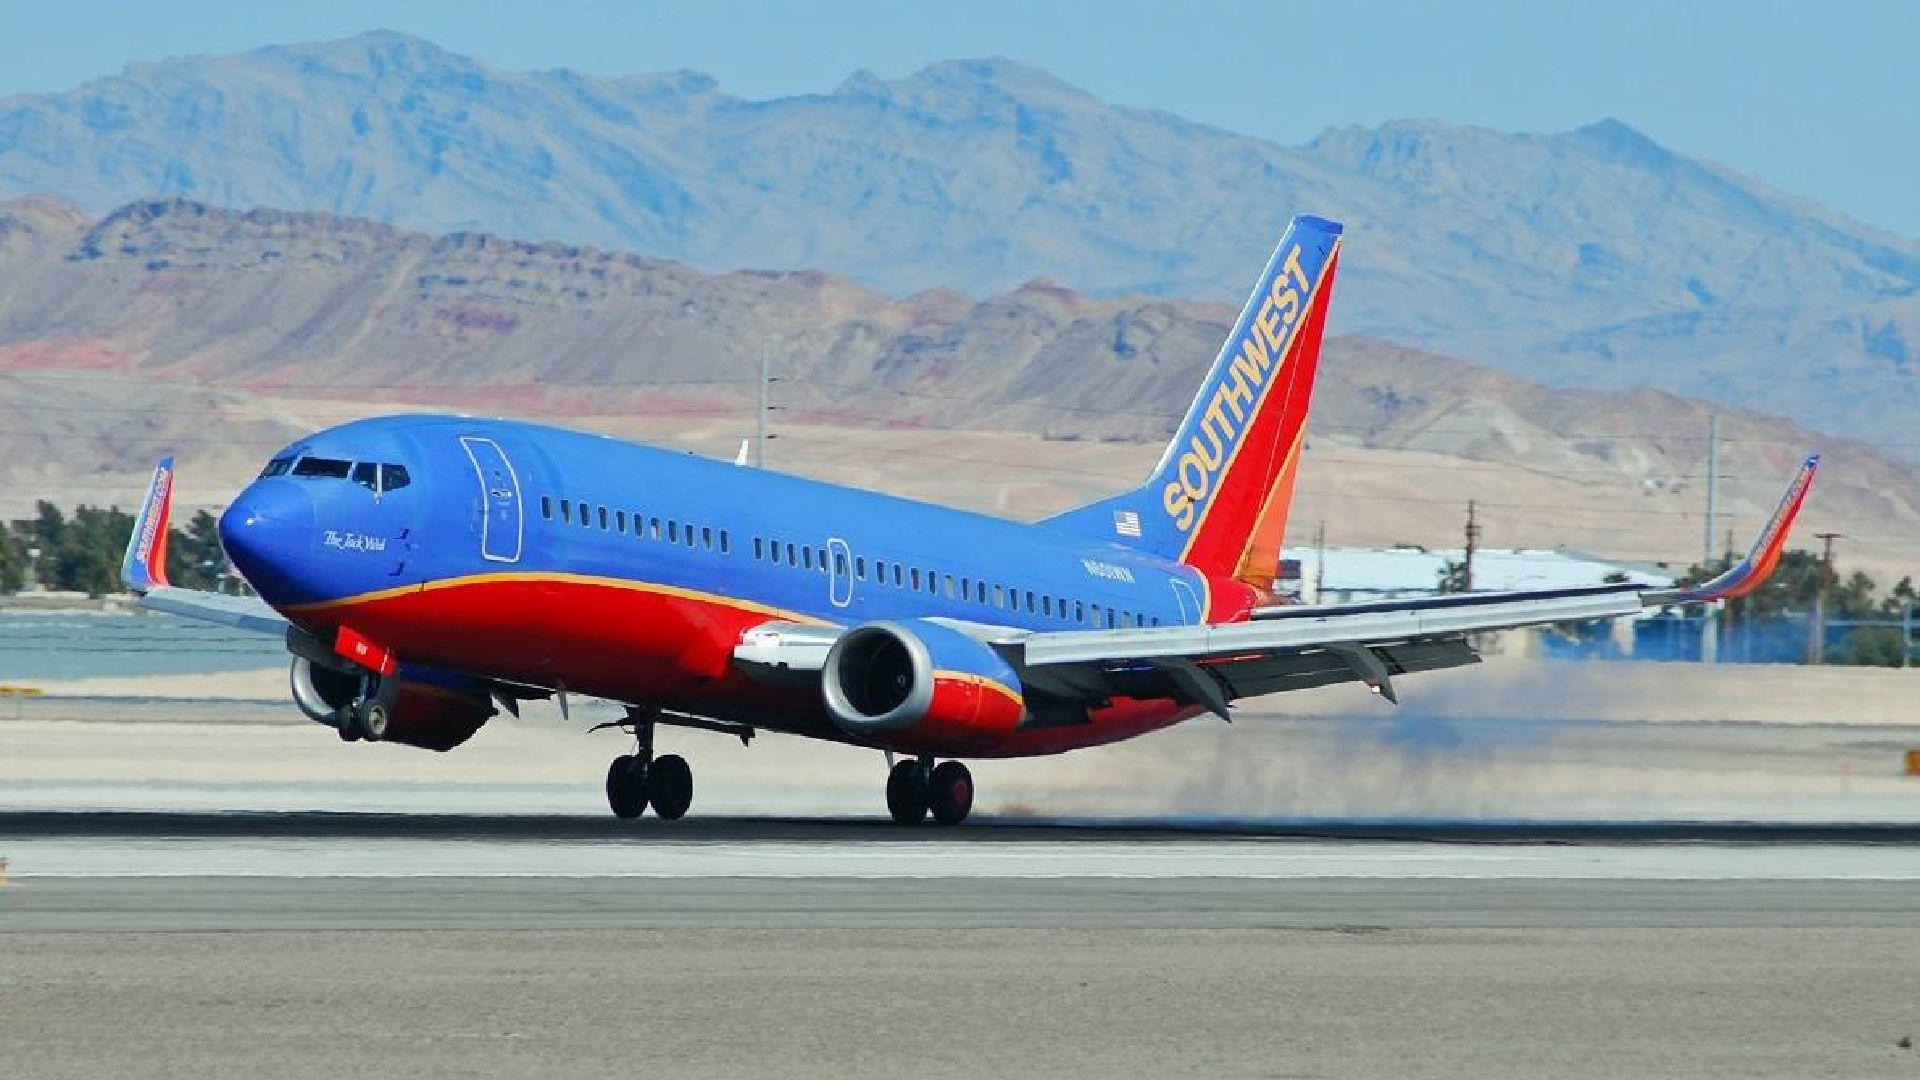 Venden un Boeing 737 al precio de un Ford